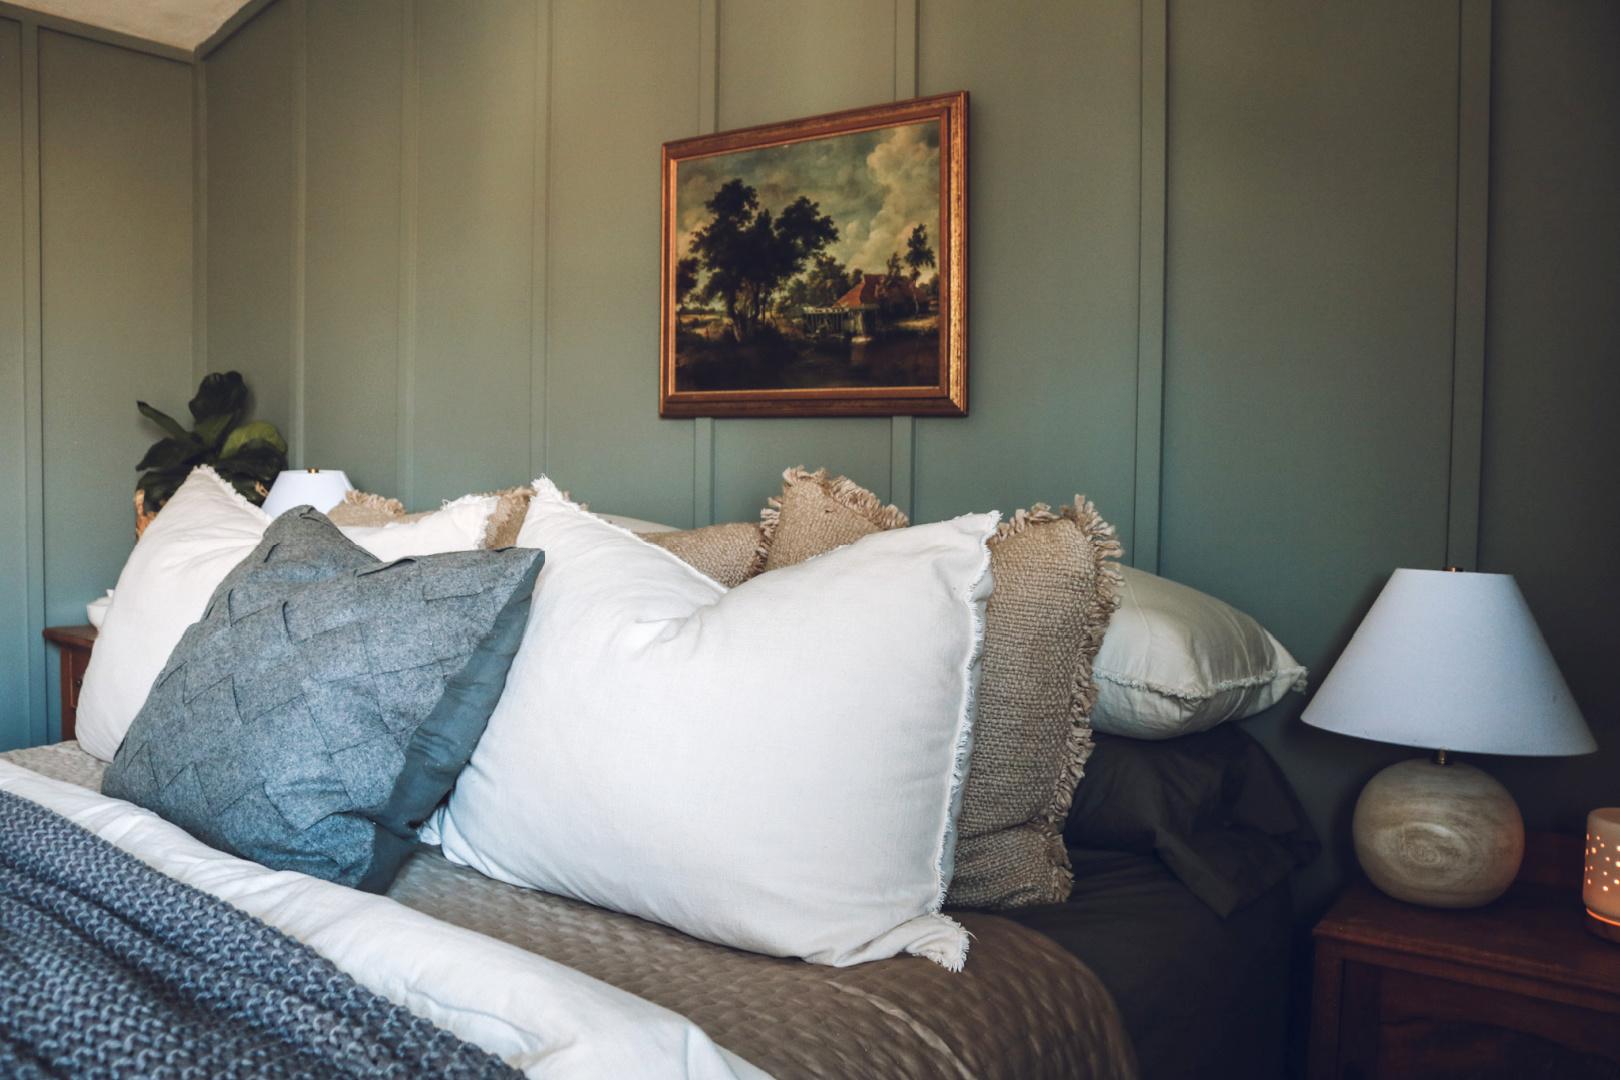 Target Bedding- Affordable Bedding Option & Target Favorites